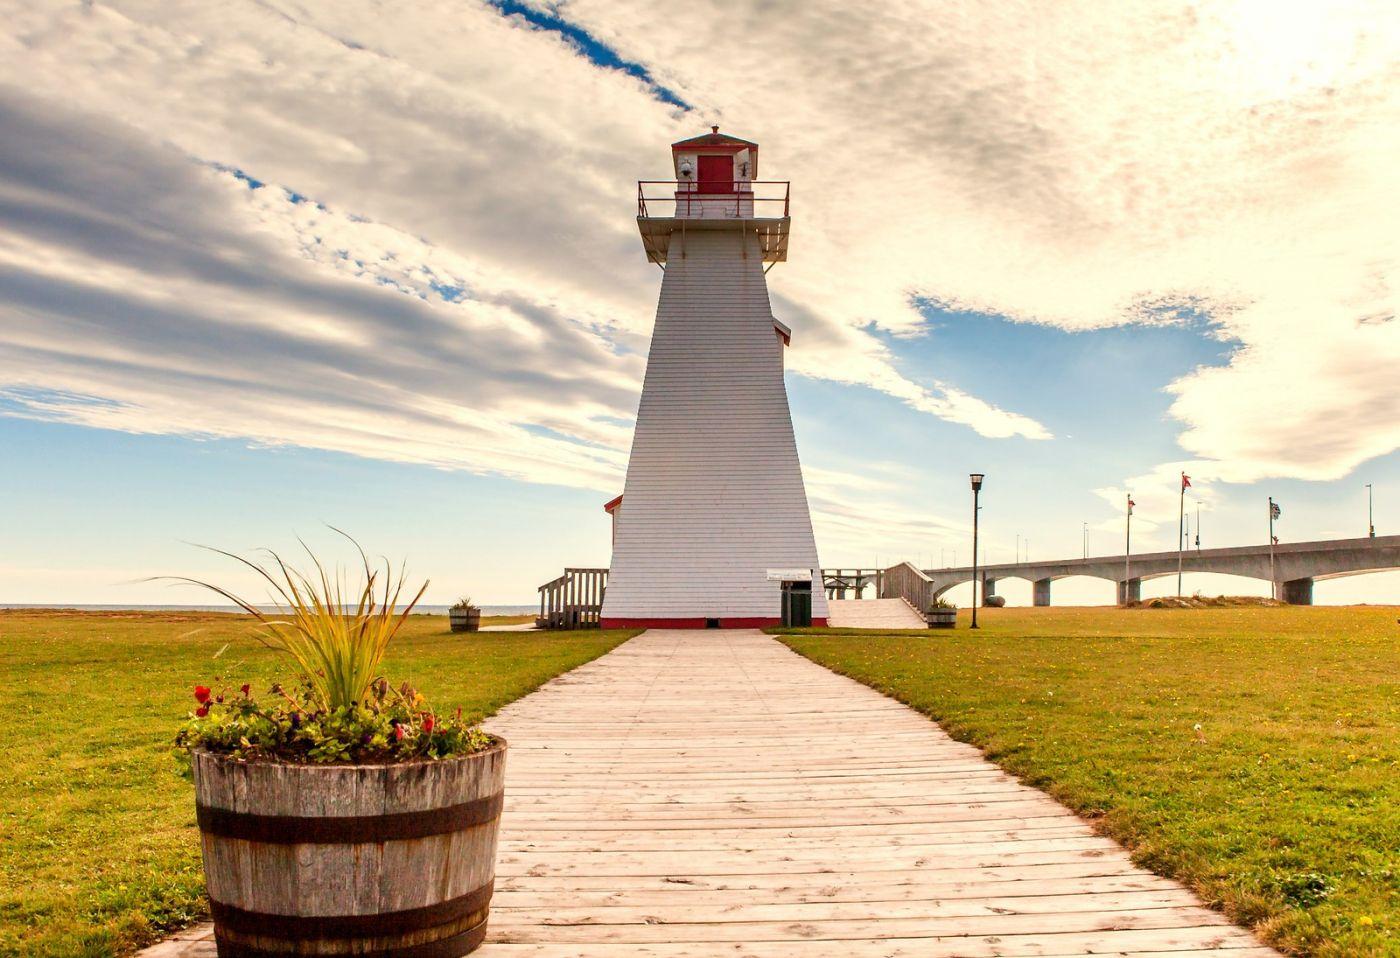 加拿大风景,长桥和灯塔_图1-16